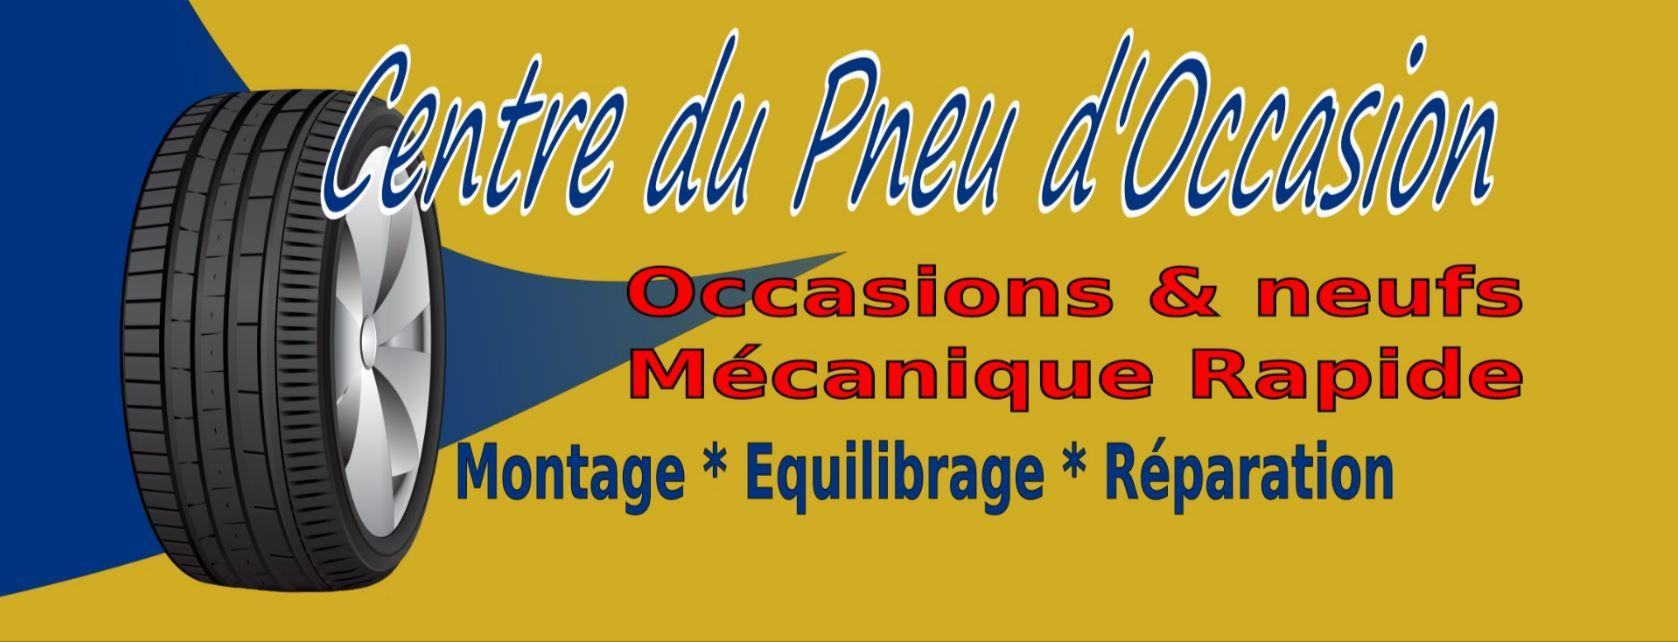 Centre du Pneu d'Occasion